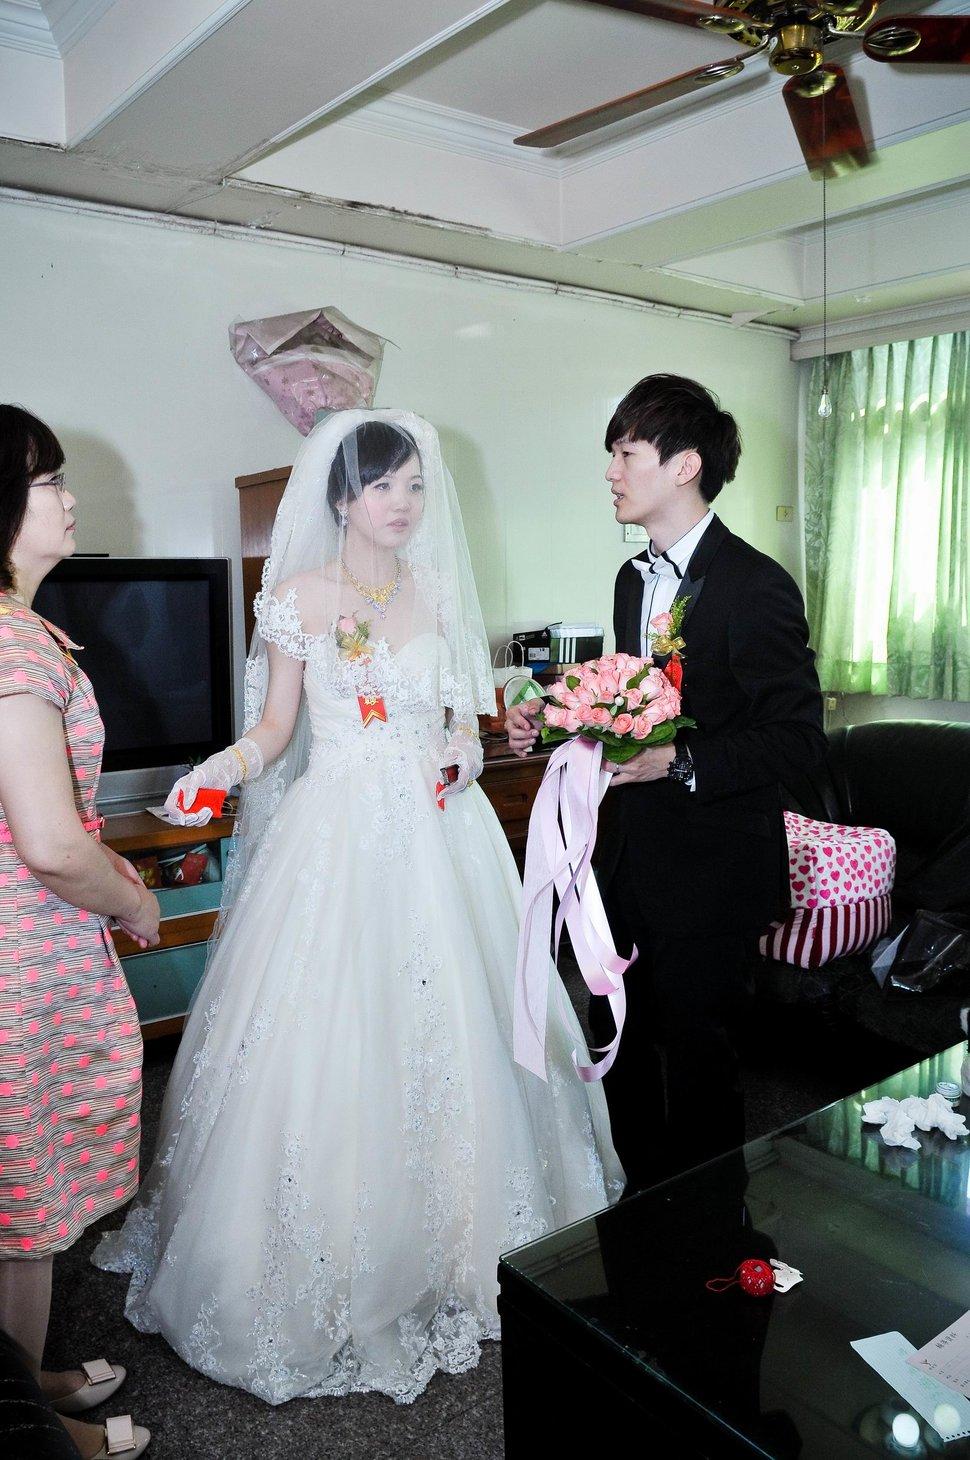 台中天野養生餐廳婚禮記錄婚禮記錄動態微電影錄影專業錄影平面攝影(編號:196392) - 蜜月拍照10800錄影12800攝影團隊 - 結婚吧